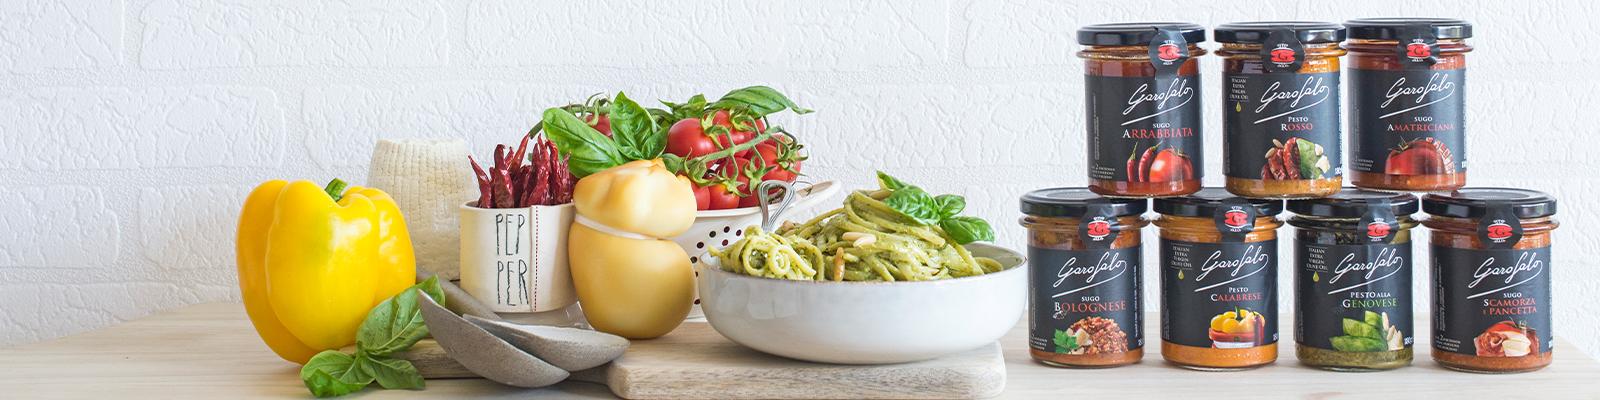 Pasta Garofalo - Sauces prêtes à l'emploi